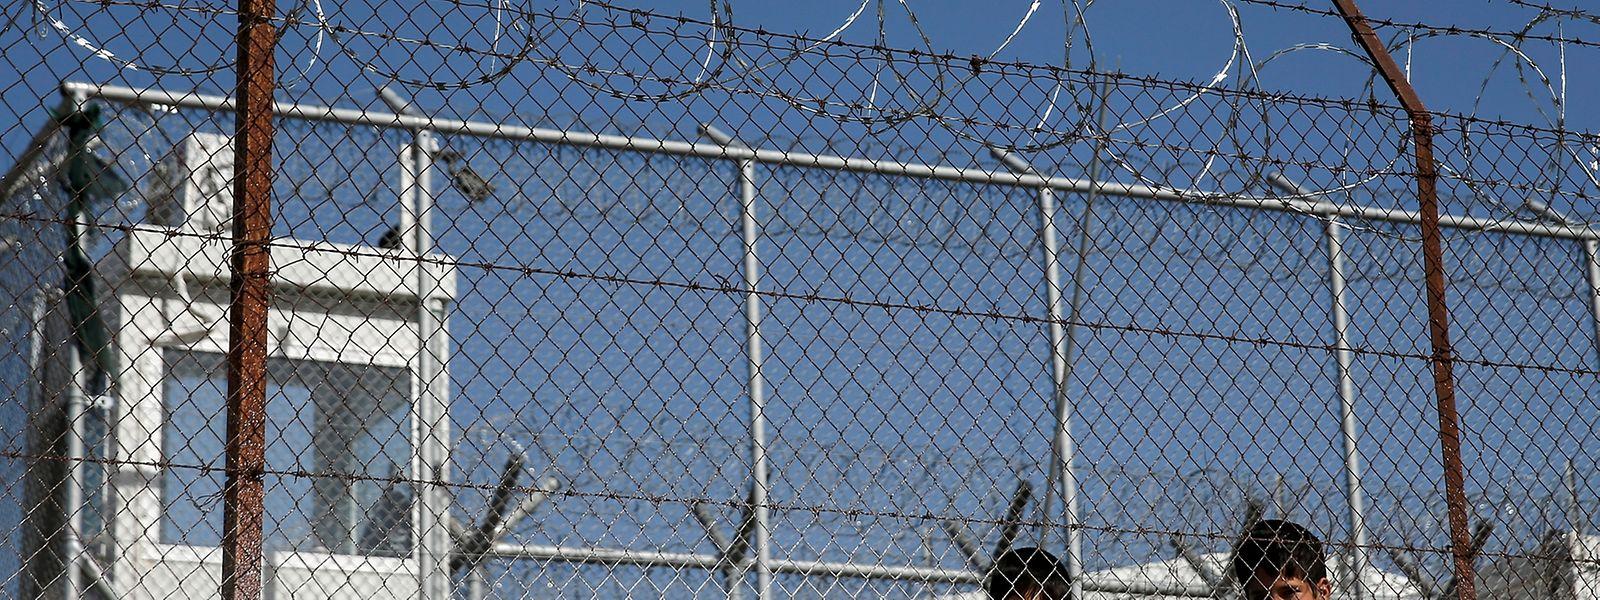 Warten auf den Heiligen Vater: Flüchtlingskinder im Lager Moria auf Lesbos.